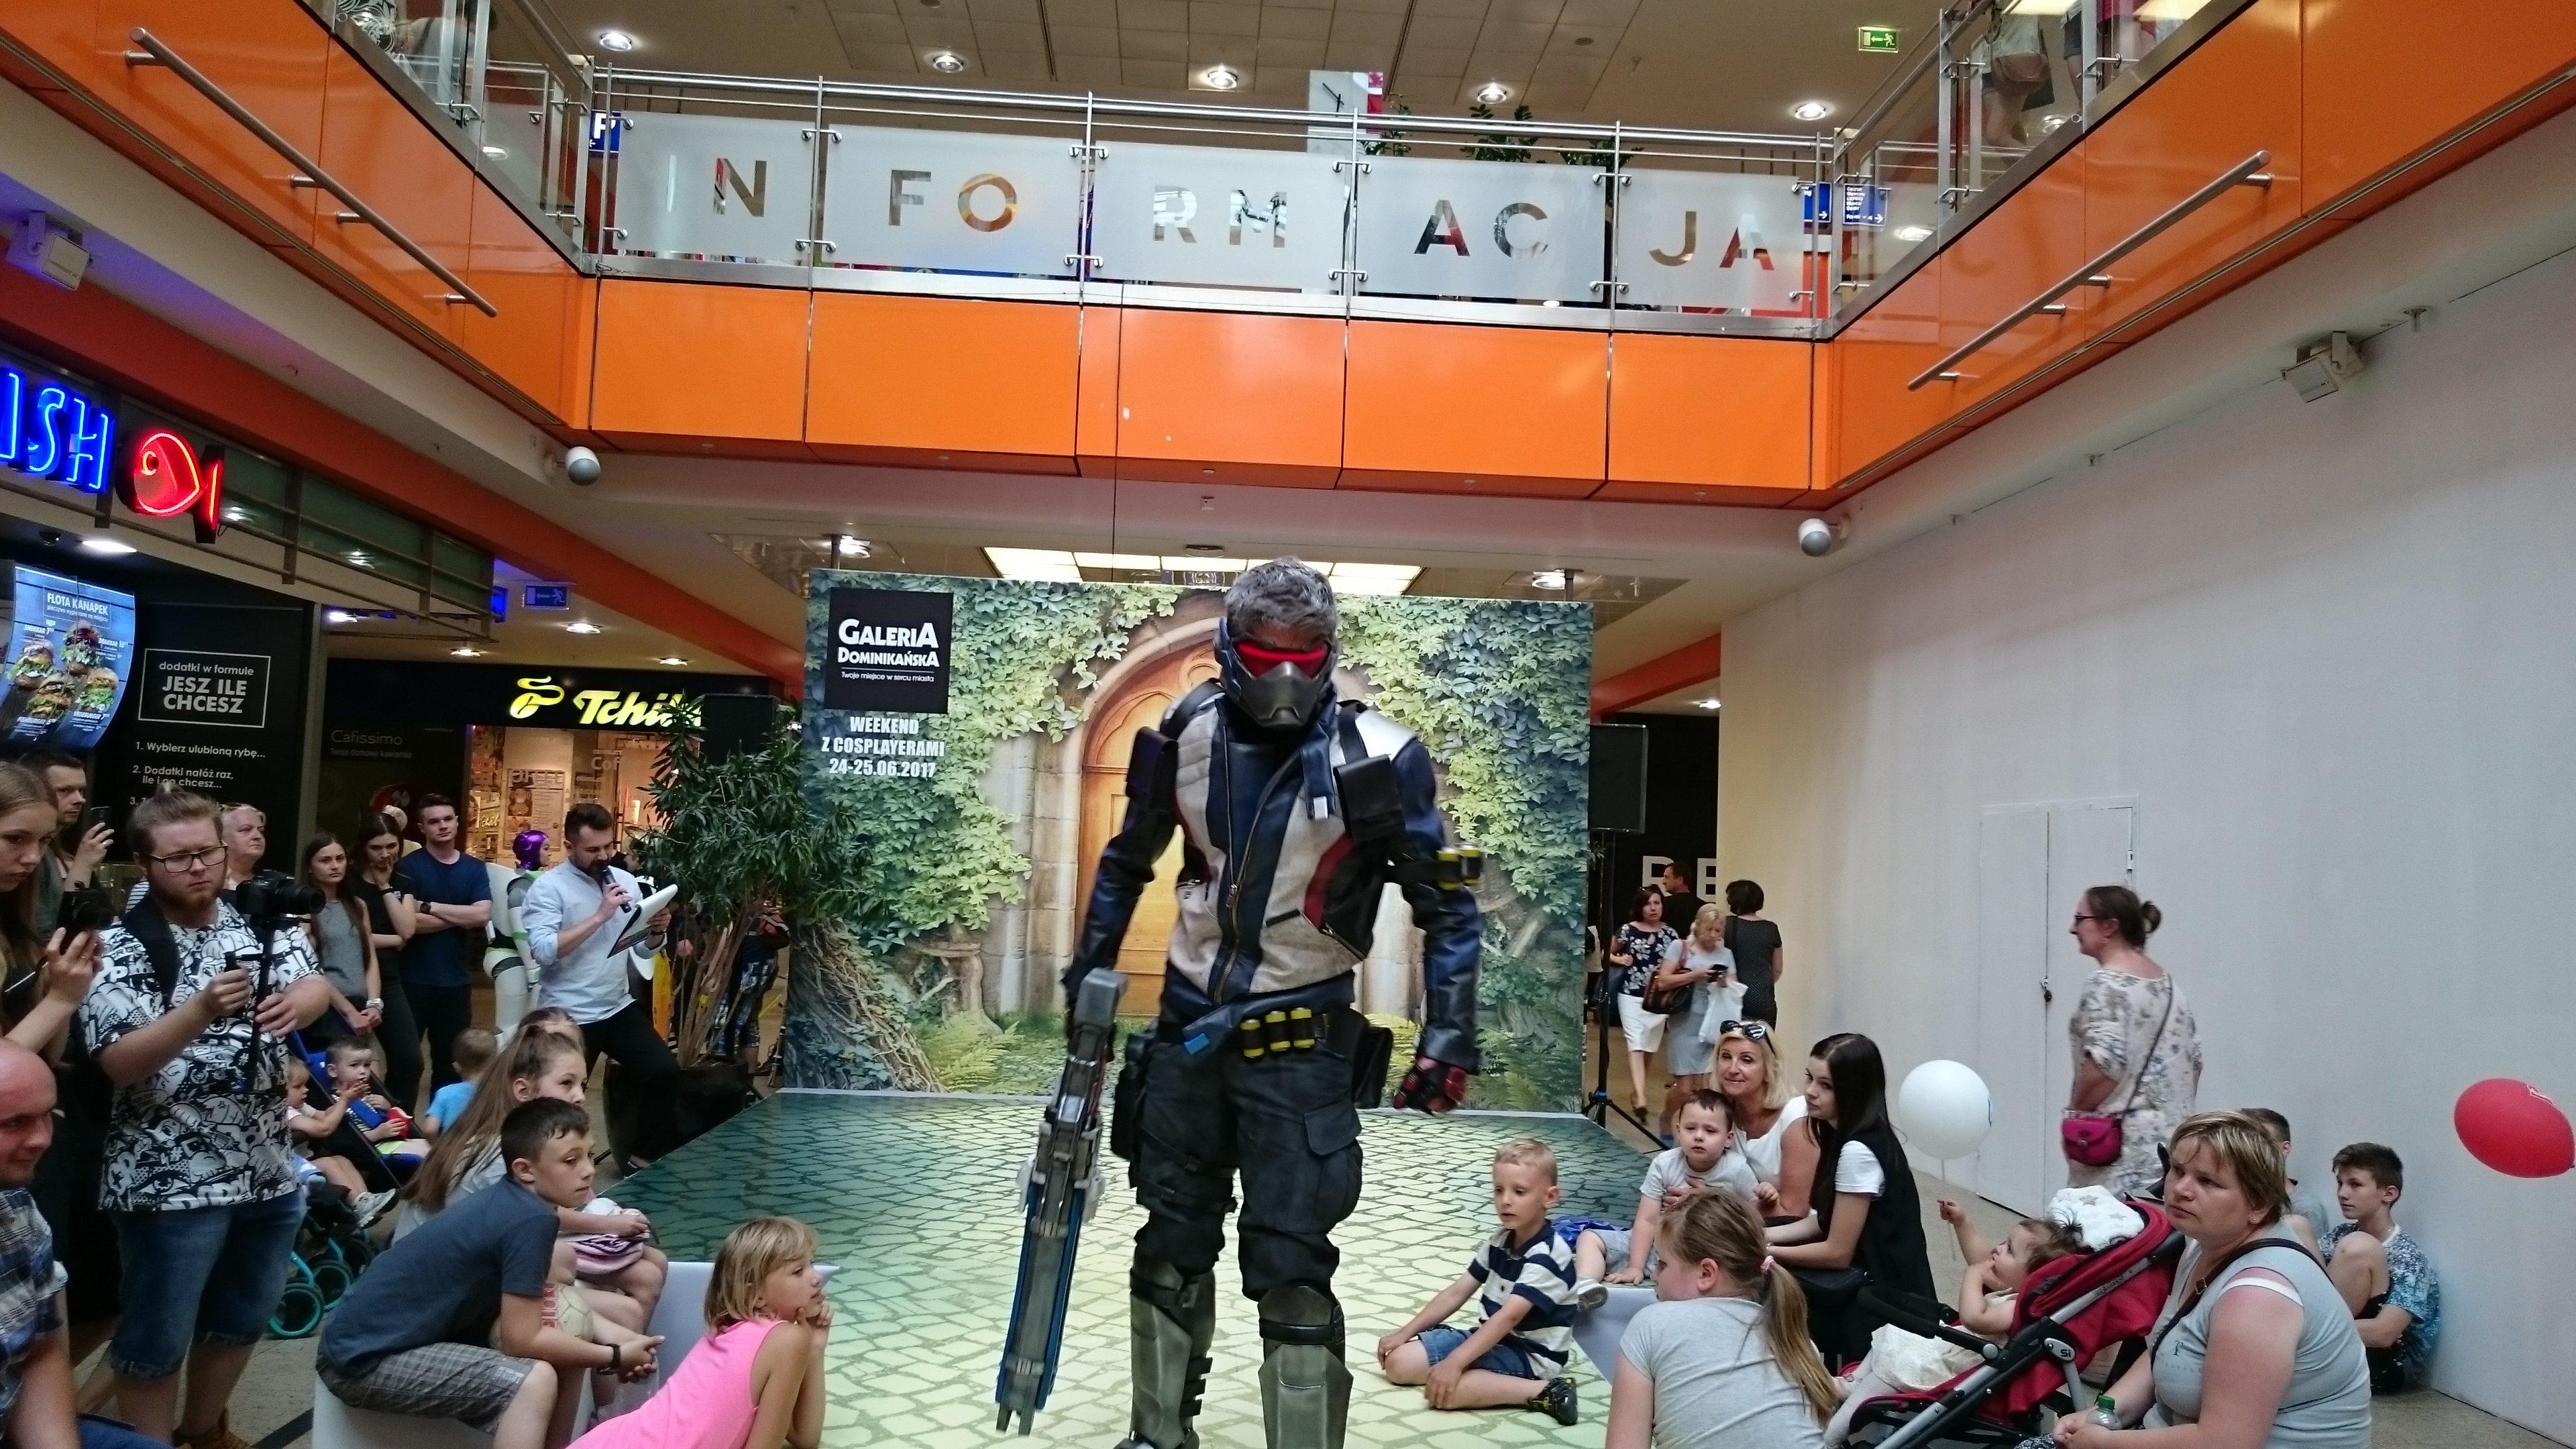 Tentacle Creations w cosplayu jako Soldier 76 z gry Overwatch podczas weekendu z cosplayerami w Galerii Dominikańskiej we Wrocławiu